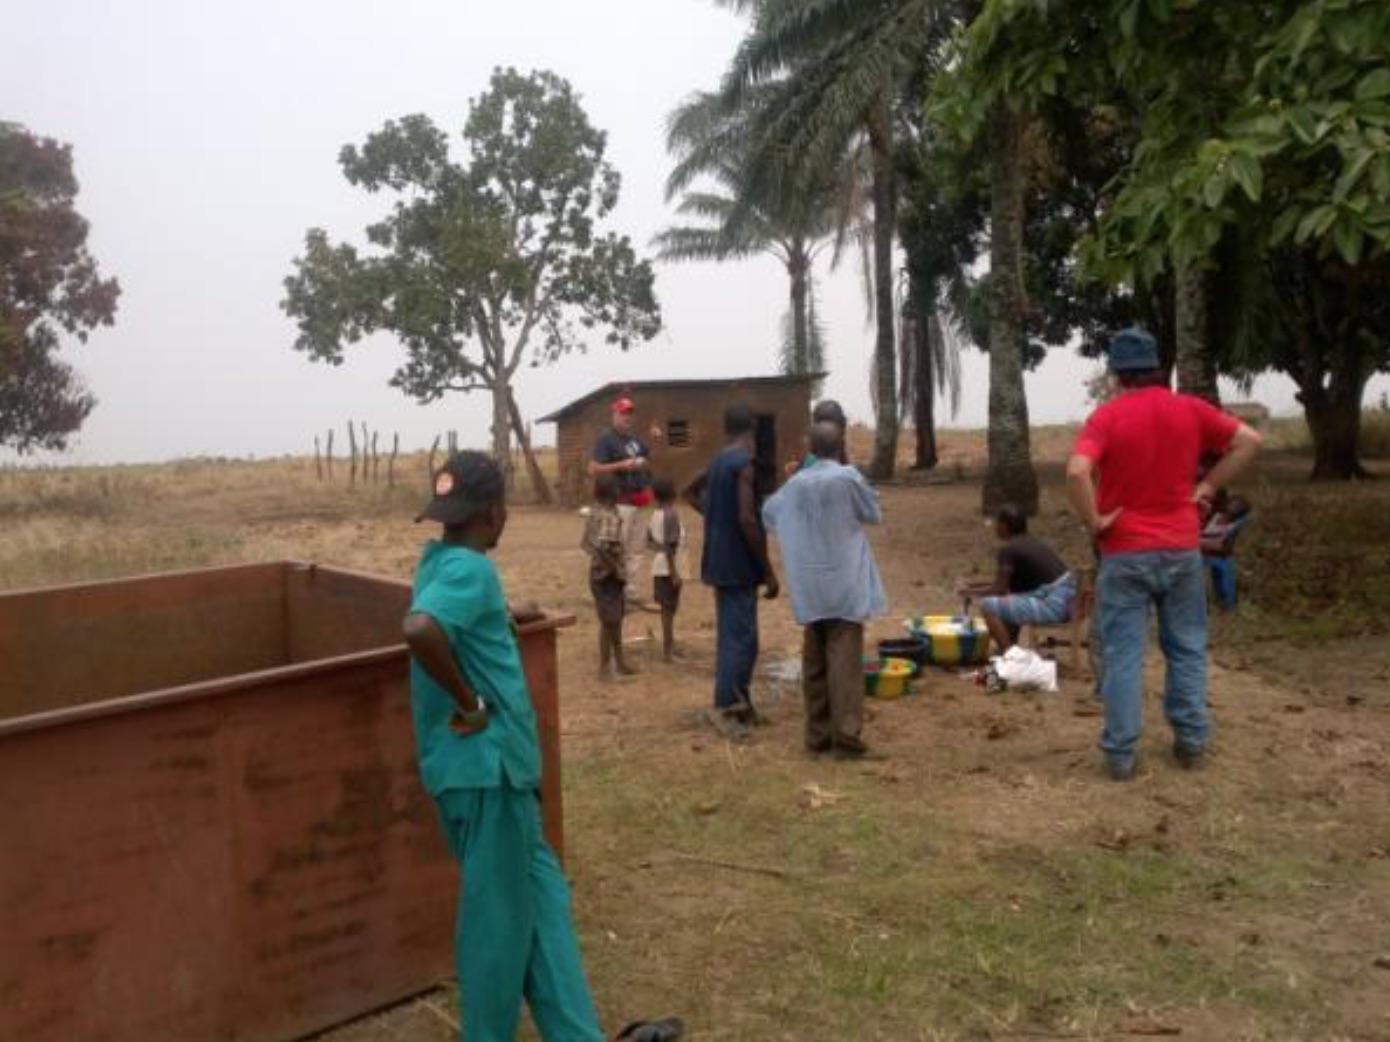 tumikia congo mbote papa 2015